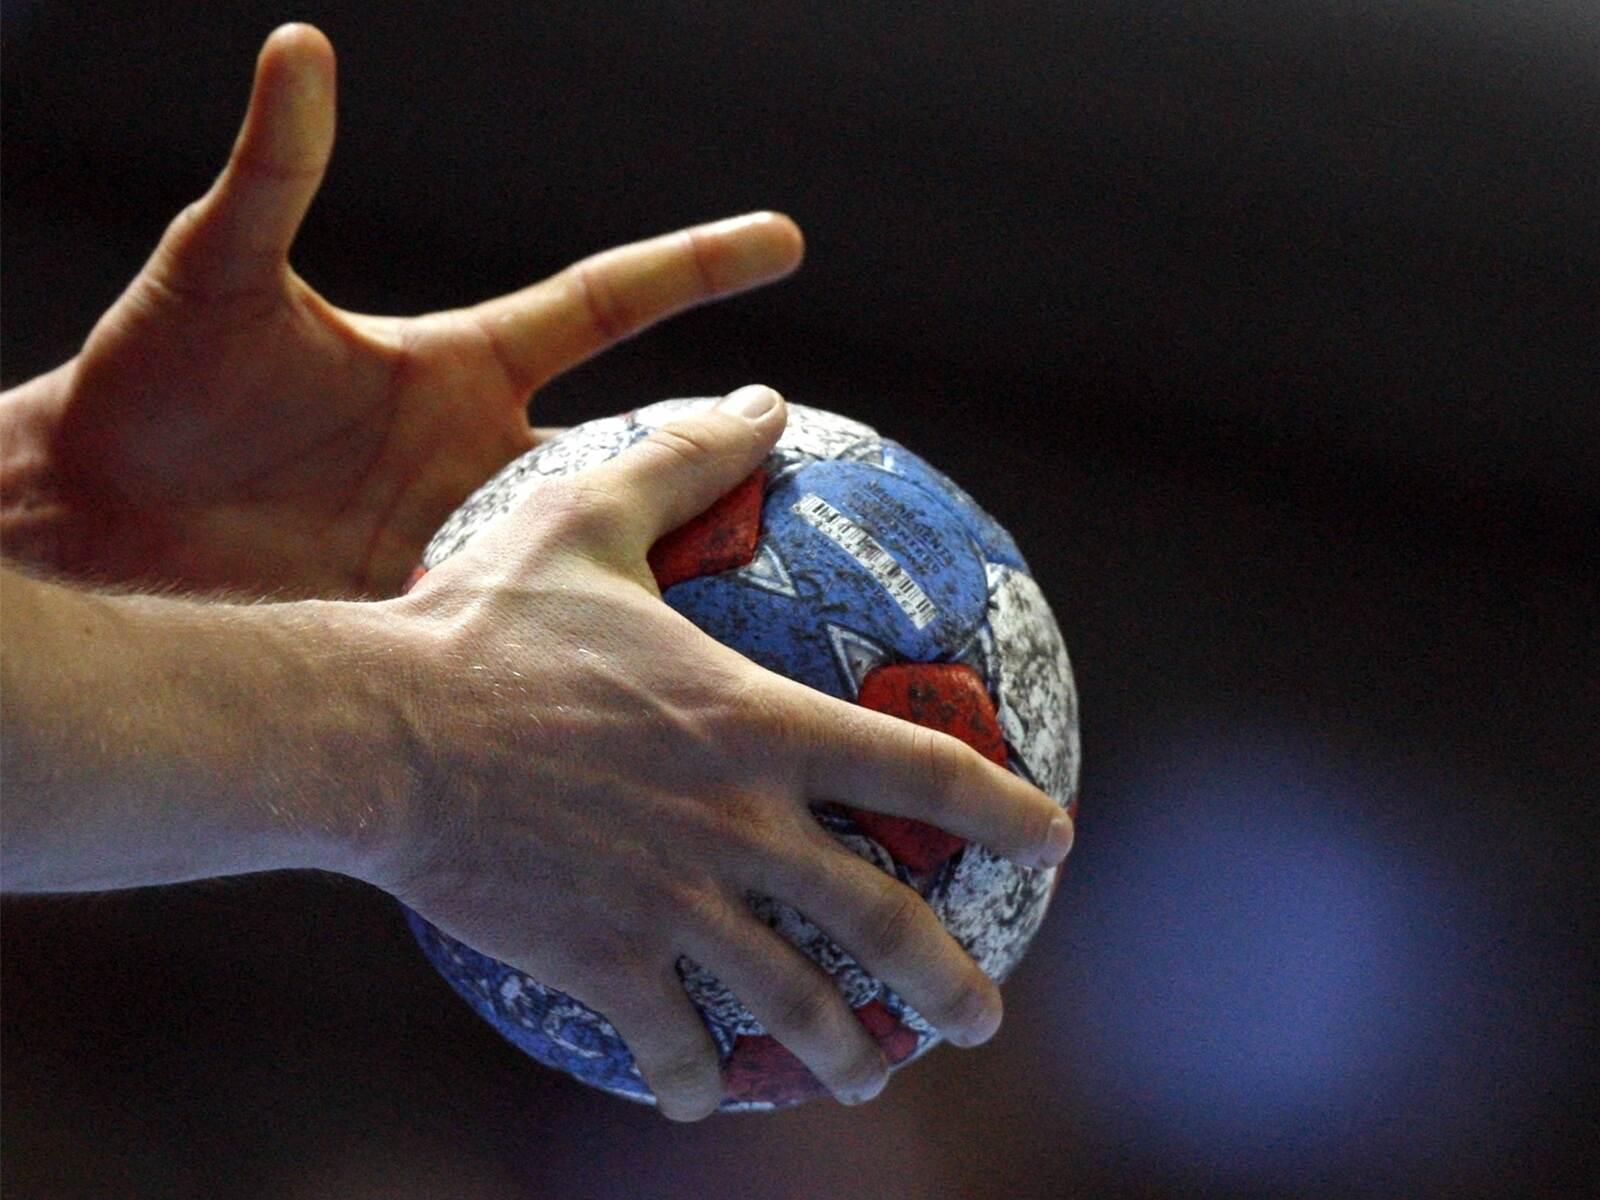 Nur knappe Resultate in den Handball-Bezirksligen - Sport - Pforzheimer-Zeitung - Pforzheimer Zeitung